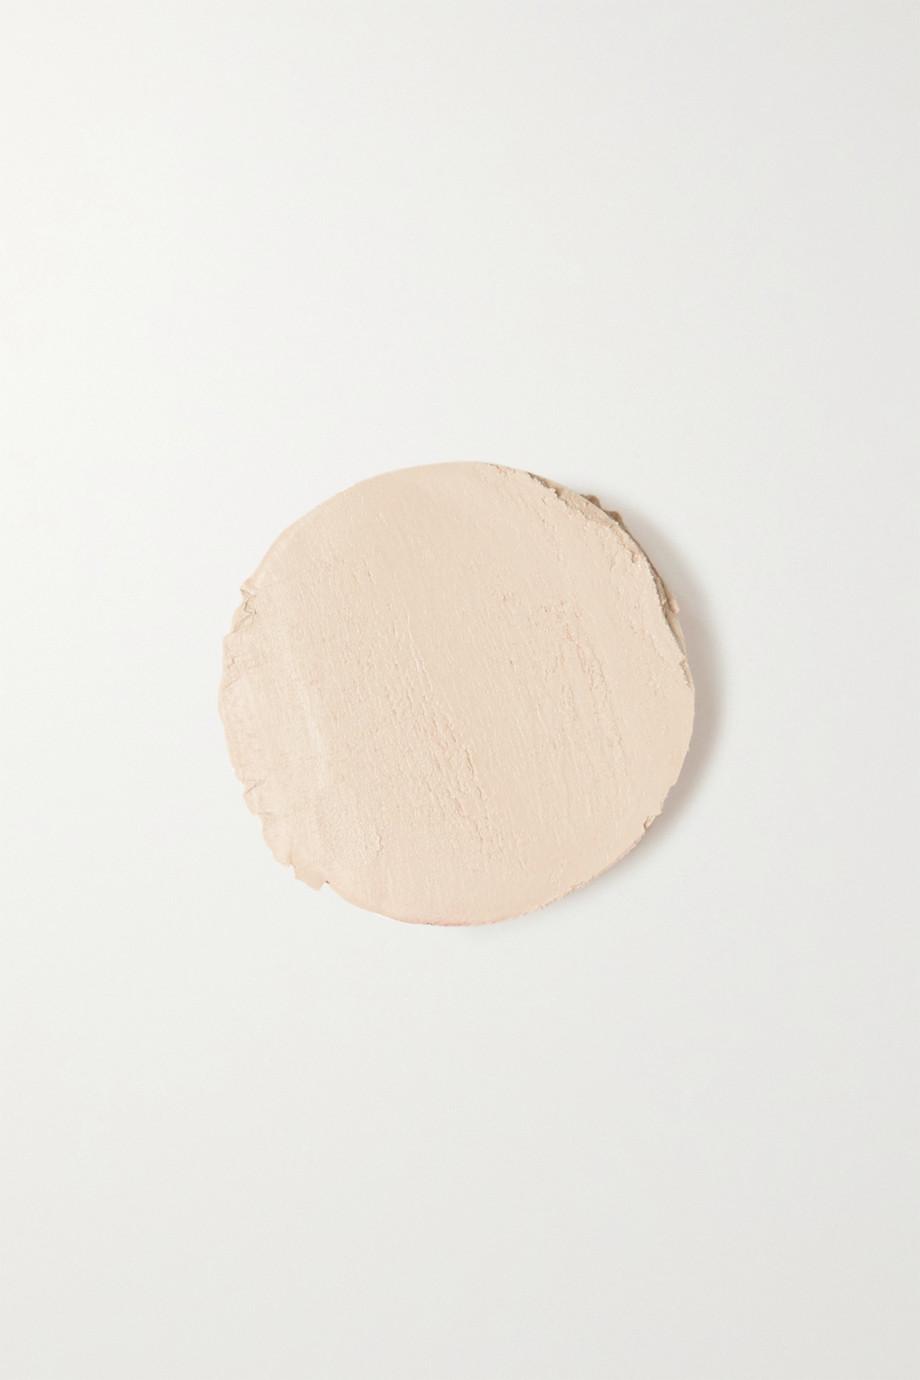 Westman Atelier Fond de teint stick Vital Skin, Atelier N